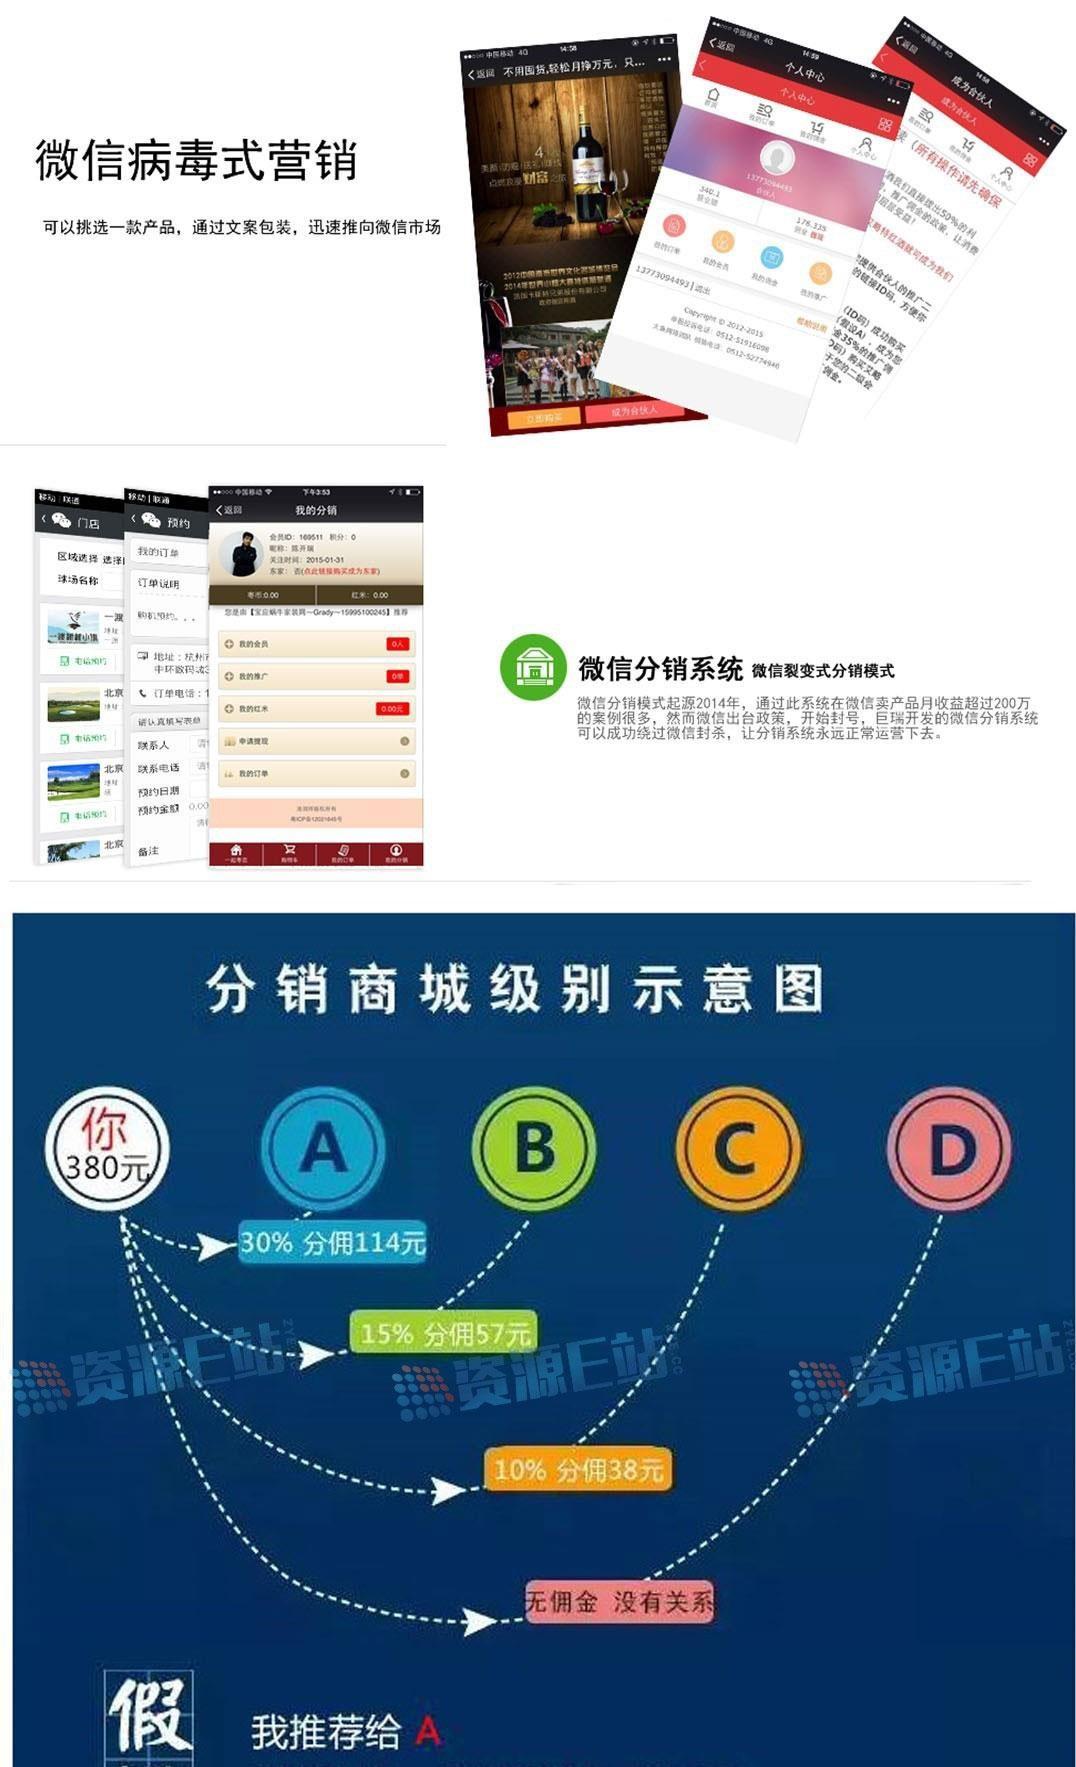 巨瑞JRFX_V3.0微信三级分销系统源码 支持虚拟商品+6套前台模板+短信功能+订单打印物流_源码下载